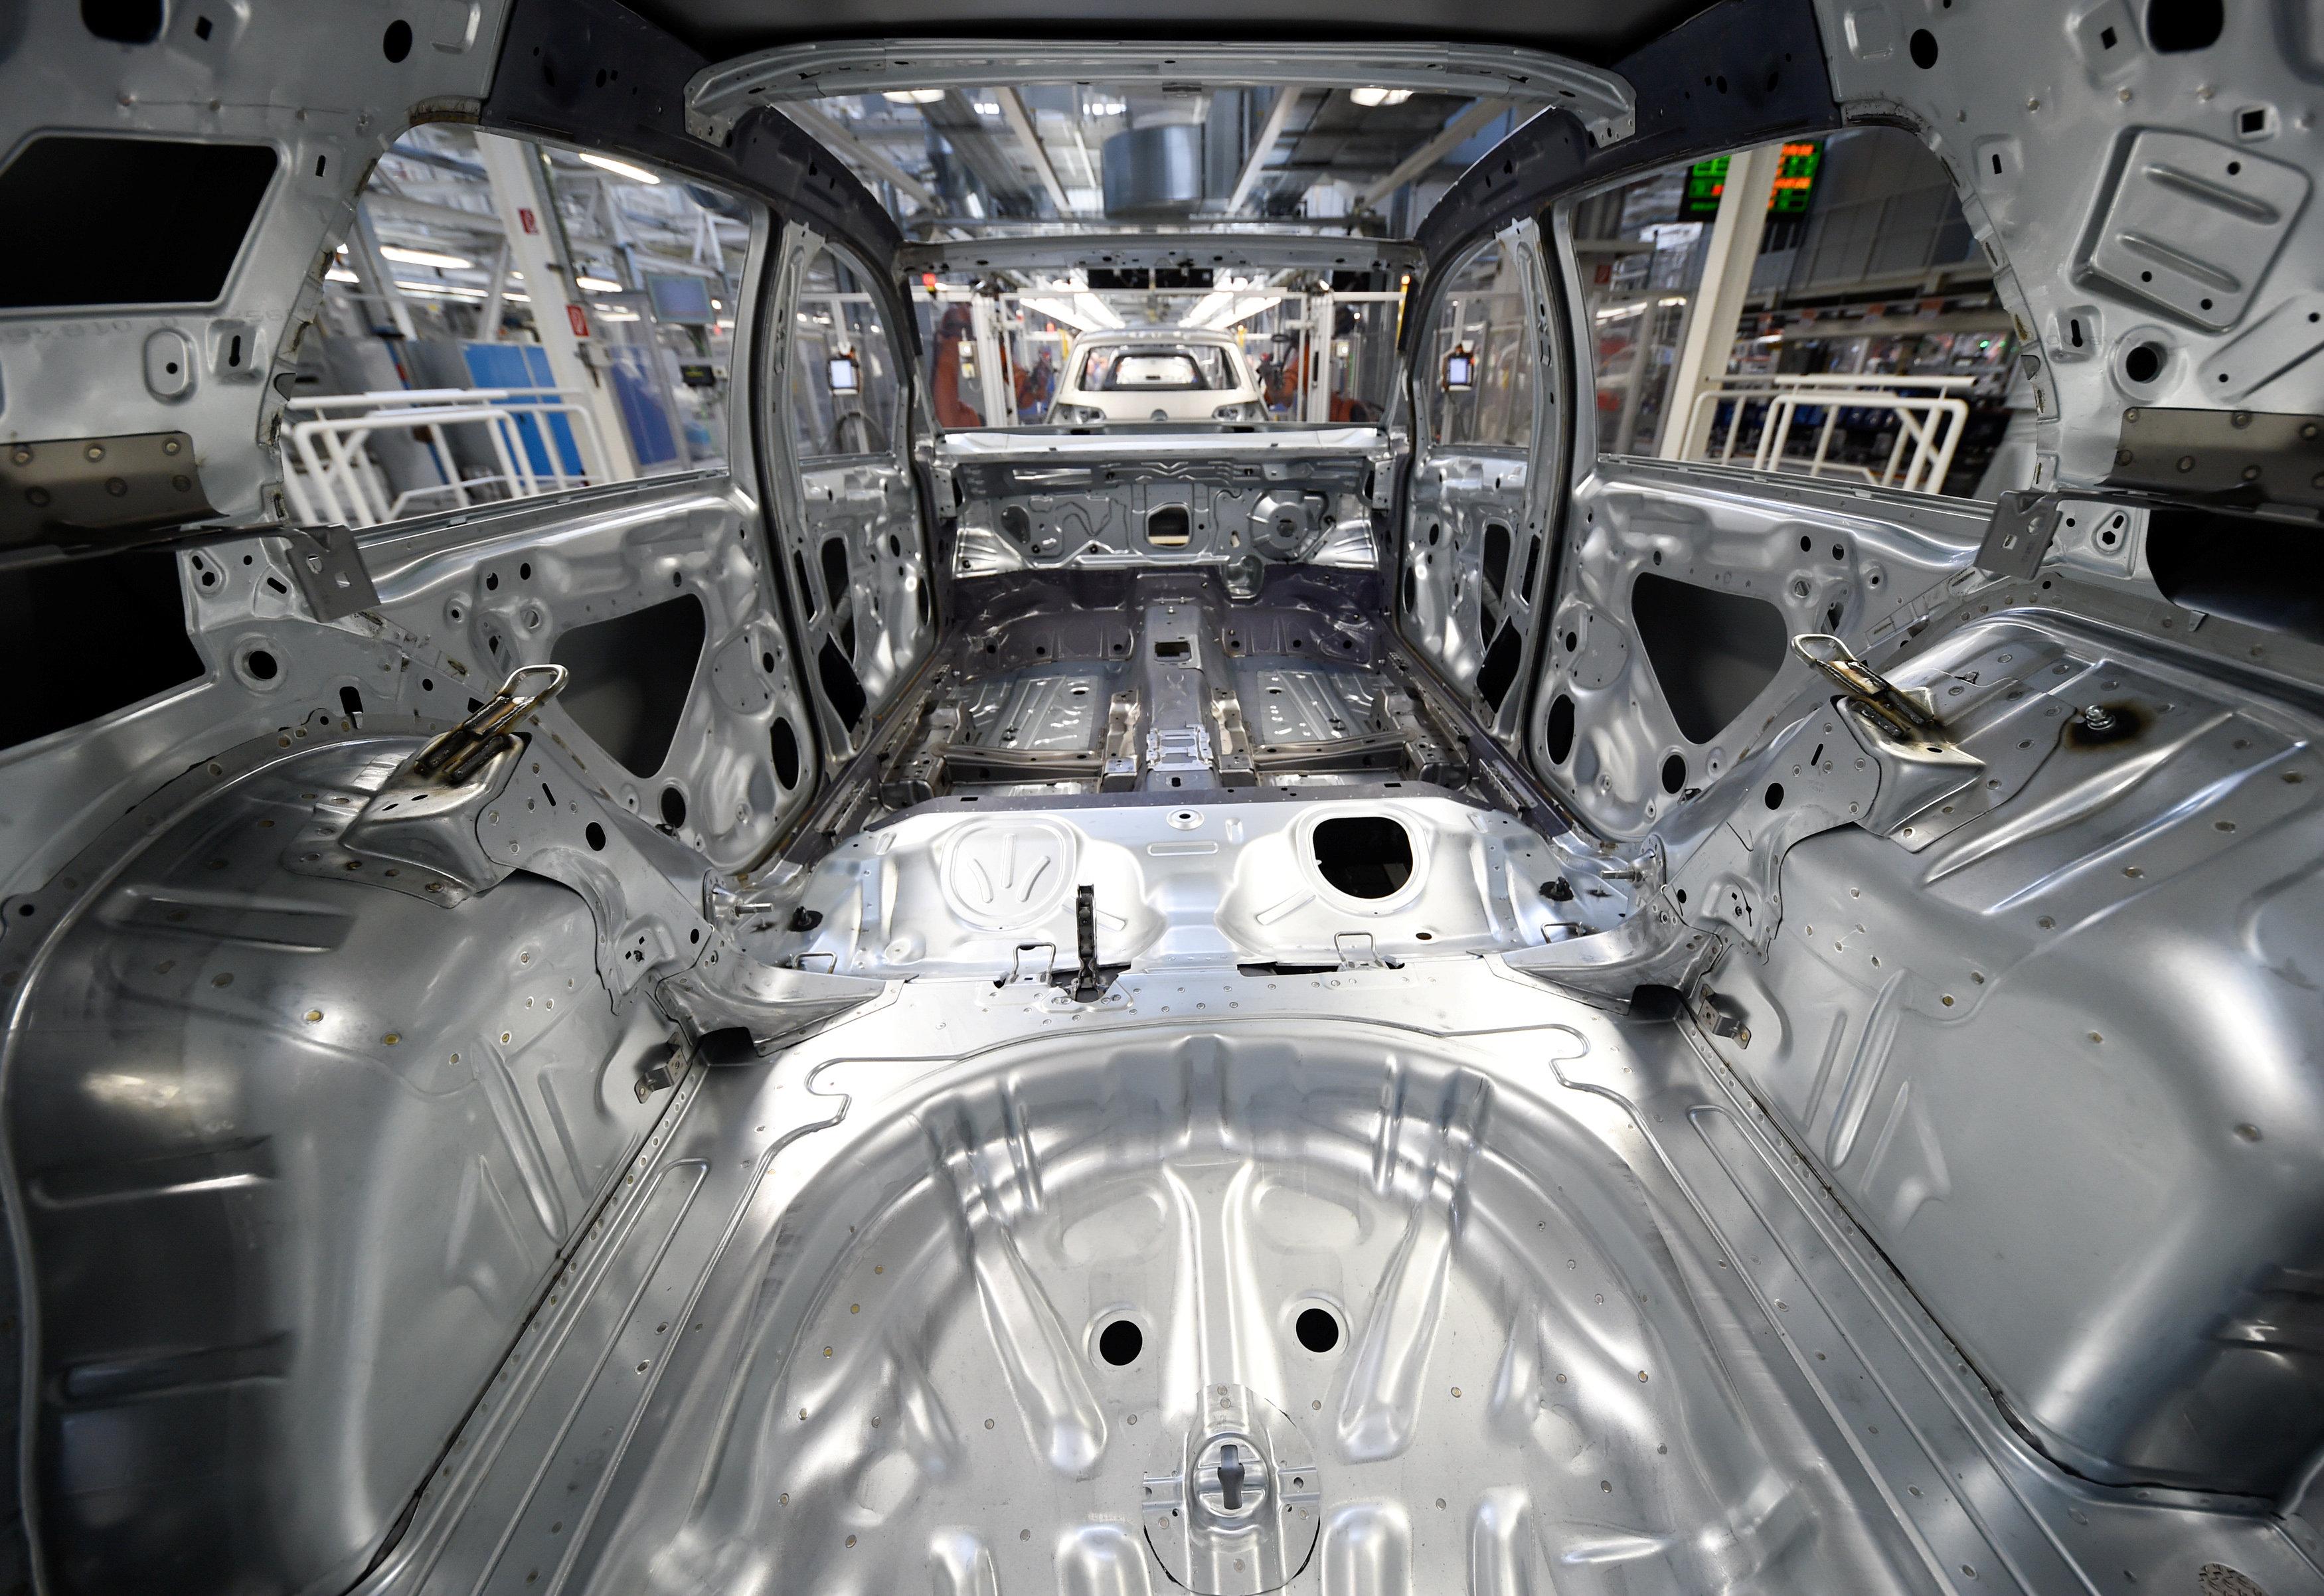 بالصور مراحل تصنيع سيارة فولكس فاجن جولف الألمانية اليوم السابع